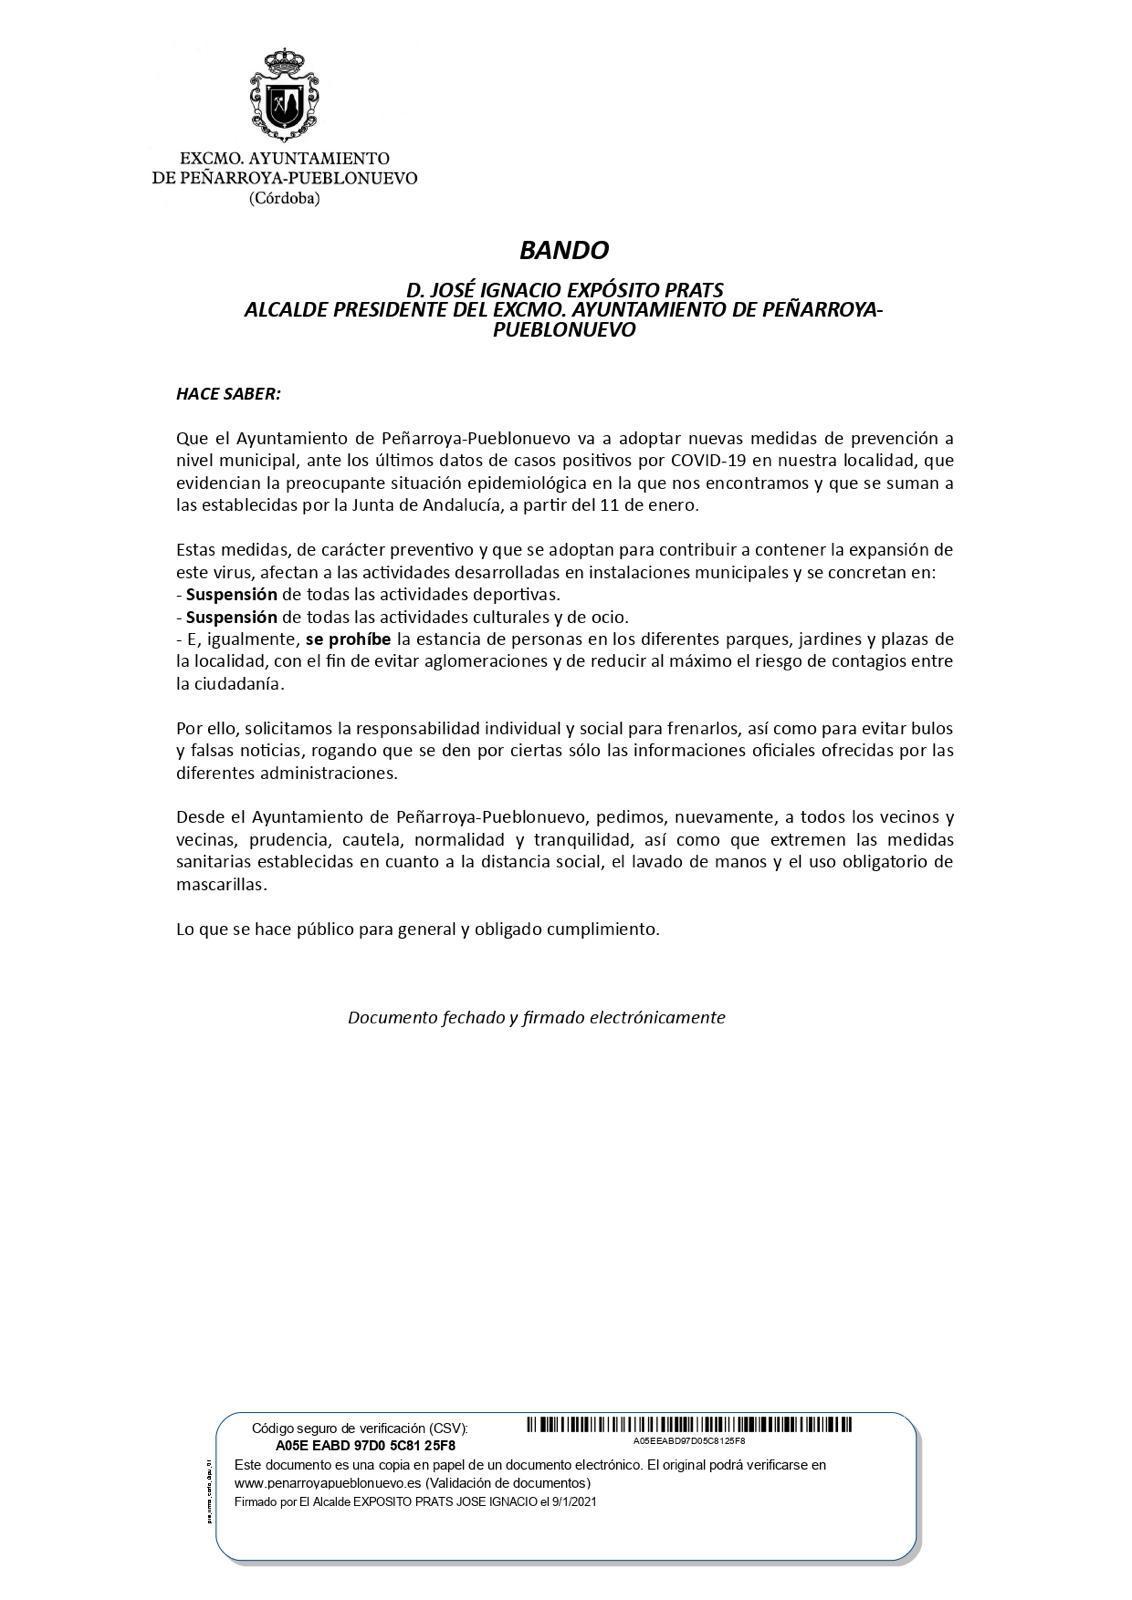 COMUNICADO EXCMO. AYTO PEÑARROYA-PUEBLONUEVO NUEVAS MEDIDAS PREVENCIÓN COVID-19 1